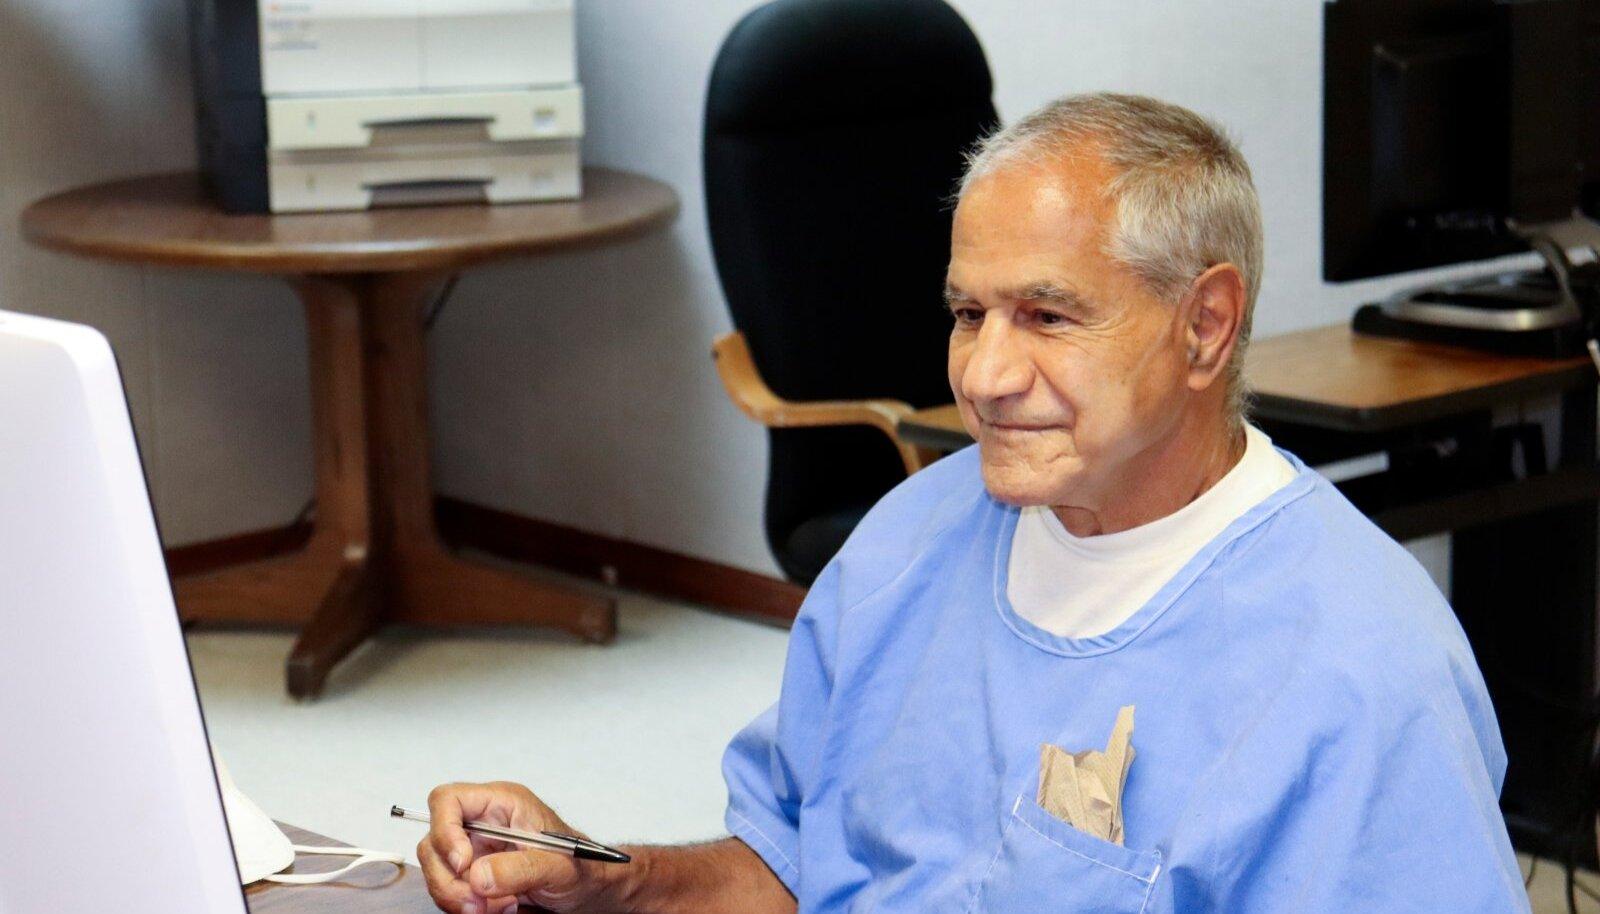 Sirhan Sirhan tema tingimisi vanglast vabastamise istungil